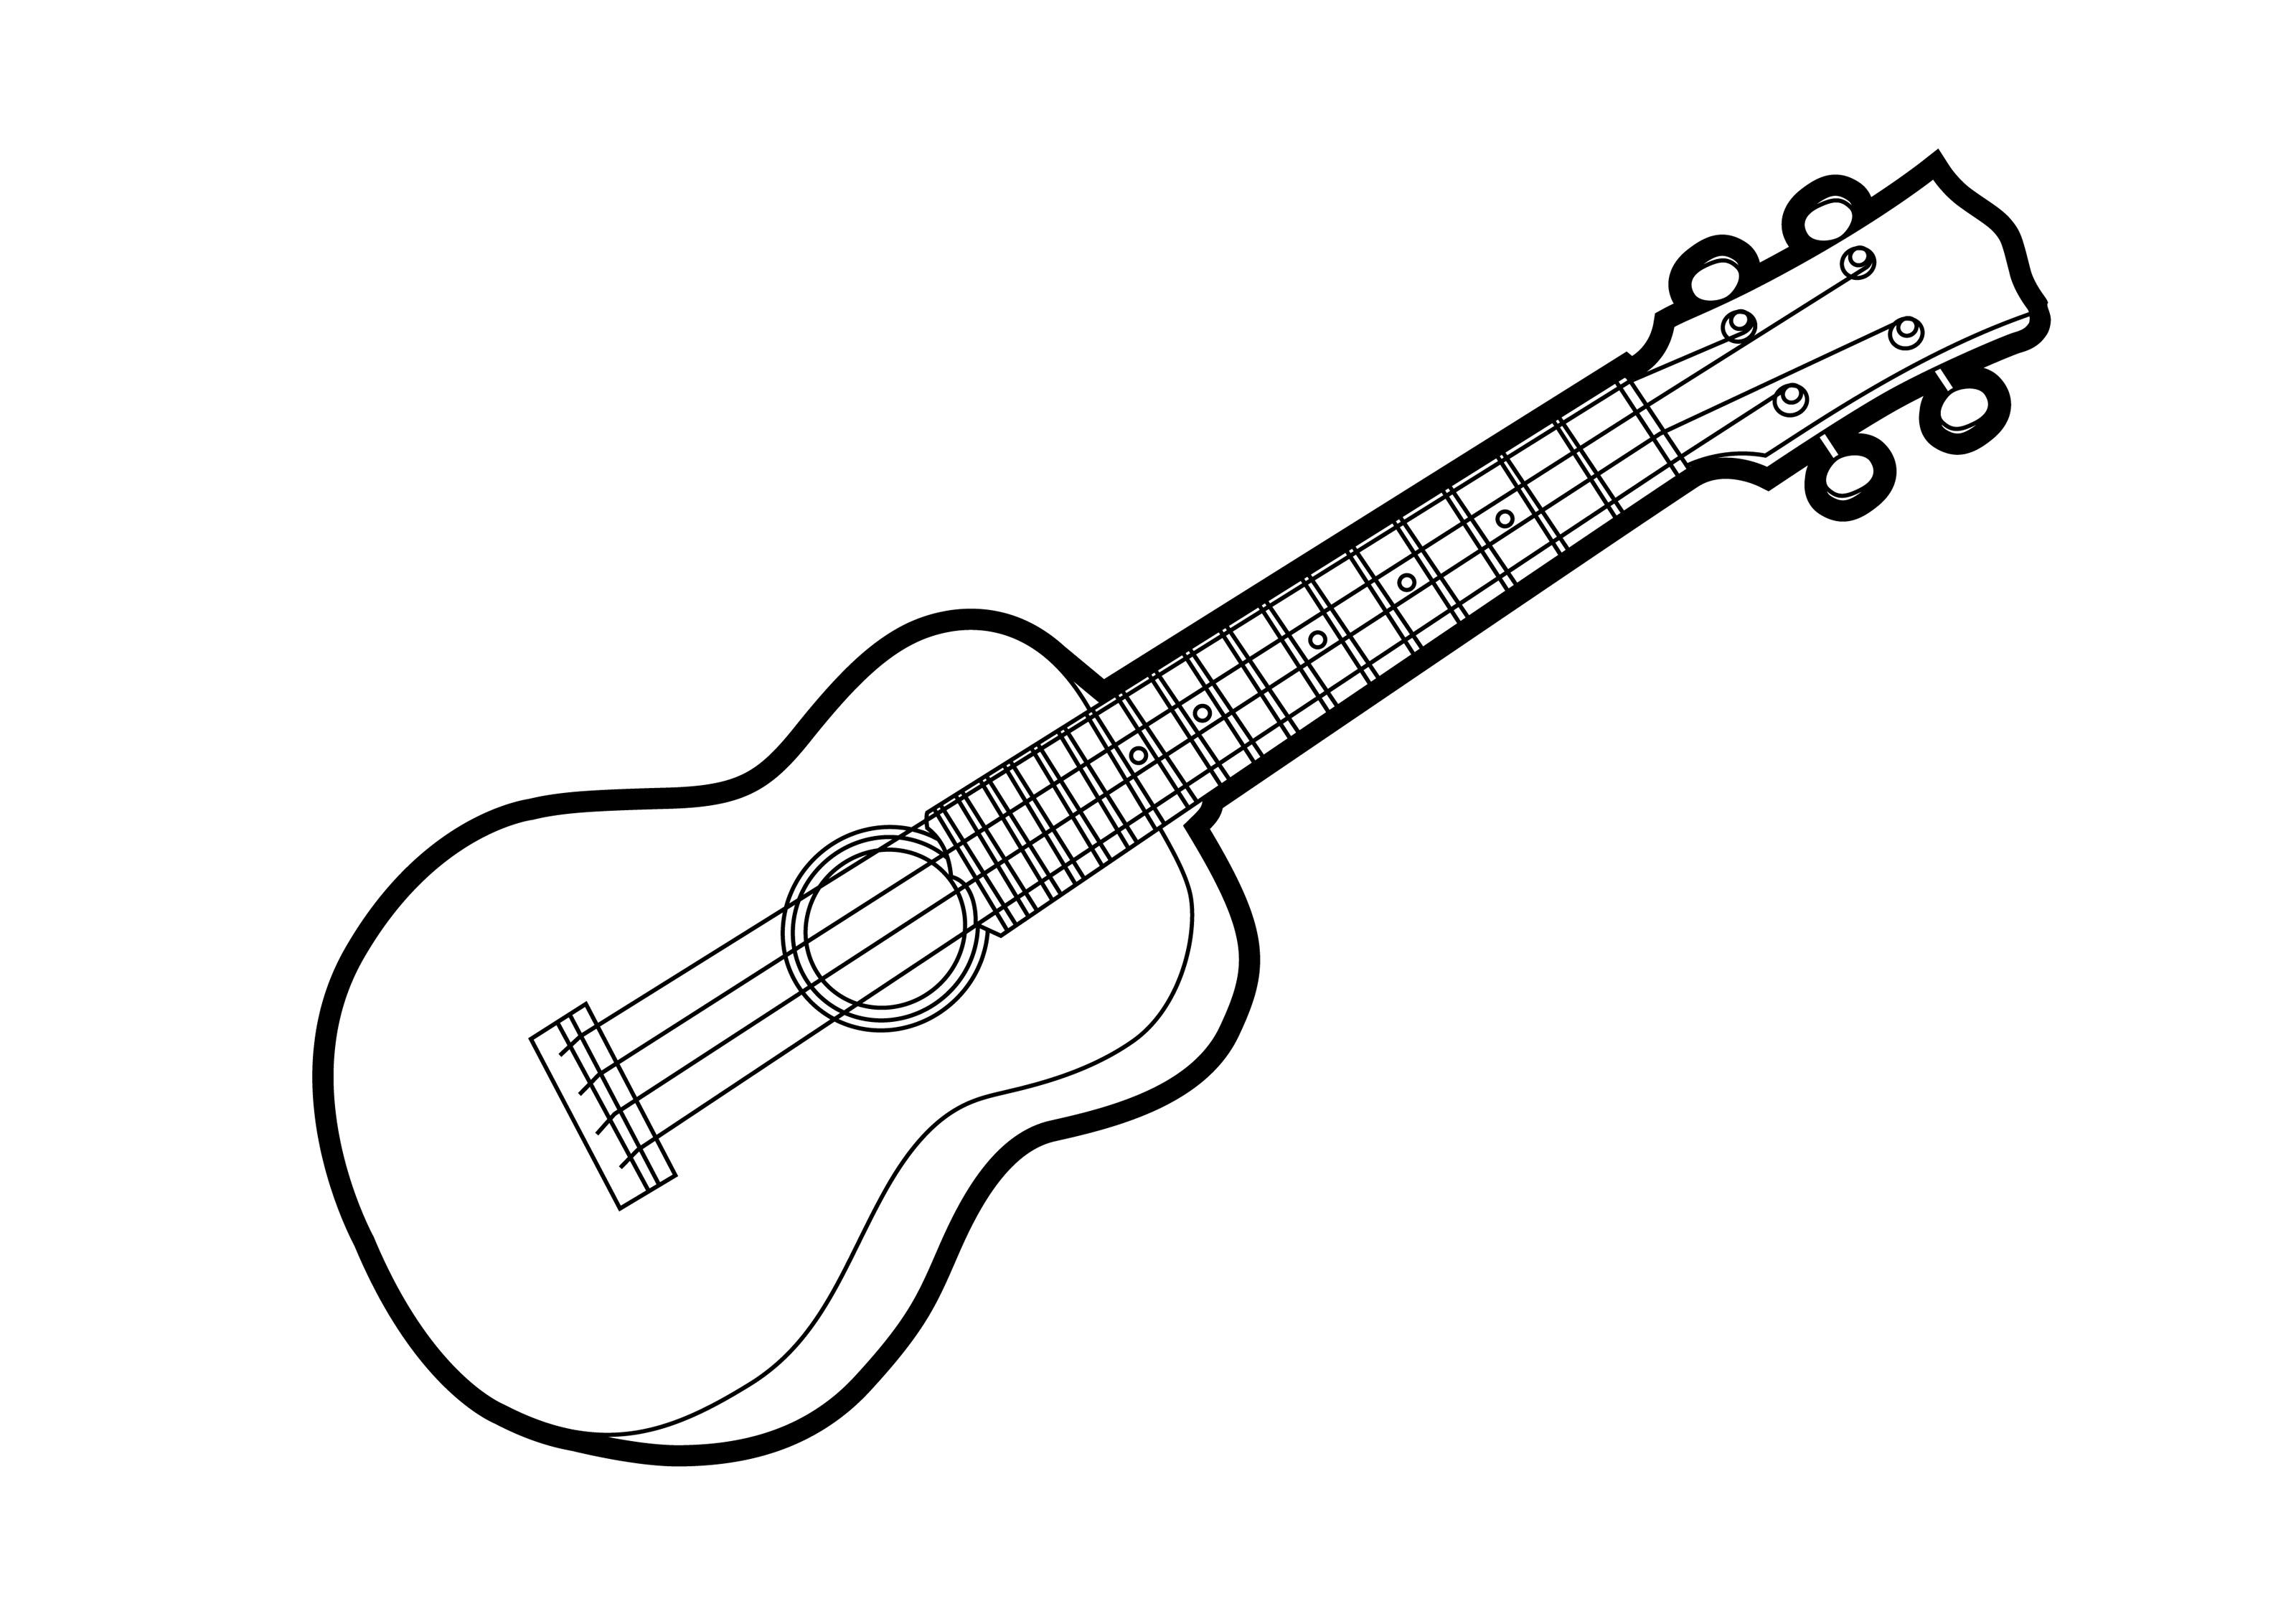 ukulele-outline-vector-illustration